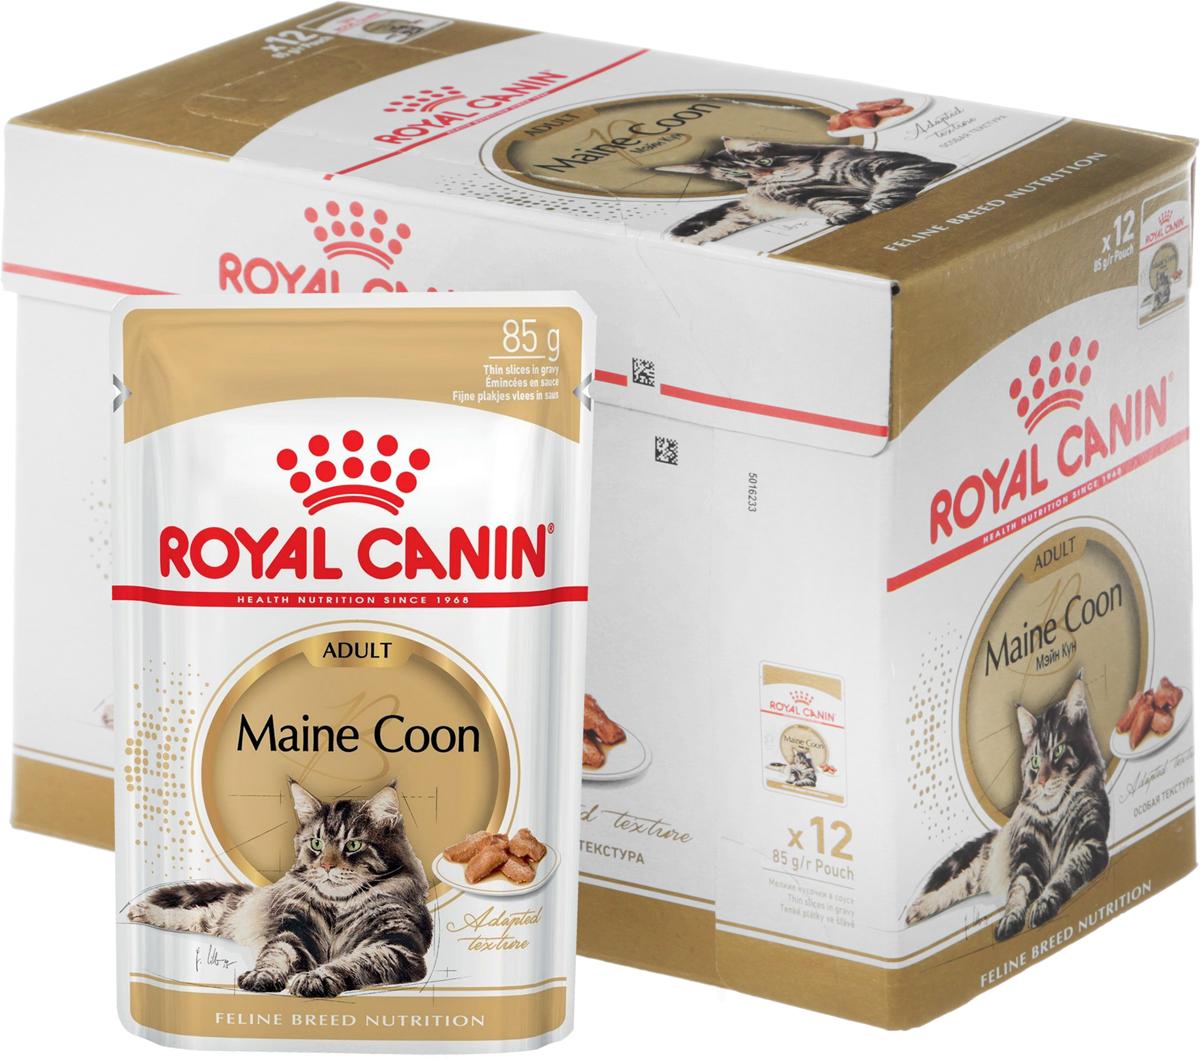 Консервы Royal Canin Maine Coon Adult , для кошек породы Мейн-кун в возрасте старше 15 месяцев, мелкие кусочки в соусе, 85 г, 12 шт консервы royal canin maine coon adult для кошек породы мейн кун в возрасте старше 15 месяцев мелкие кусочки в соусе 85 г